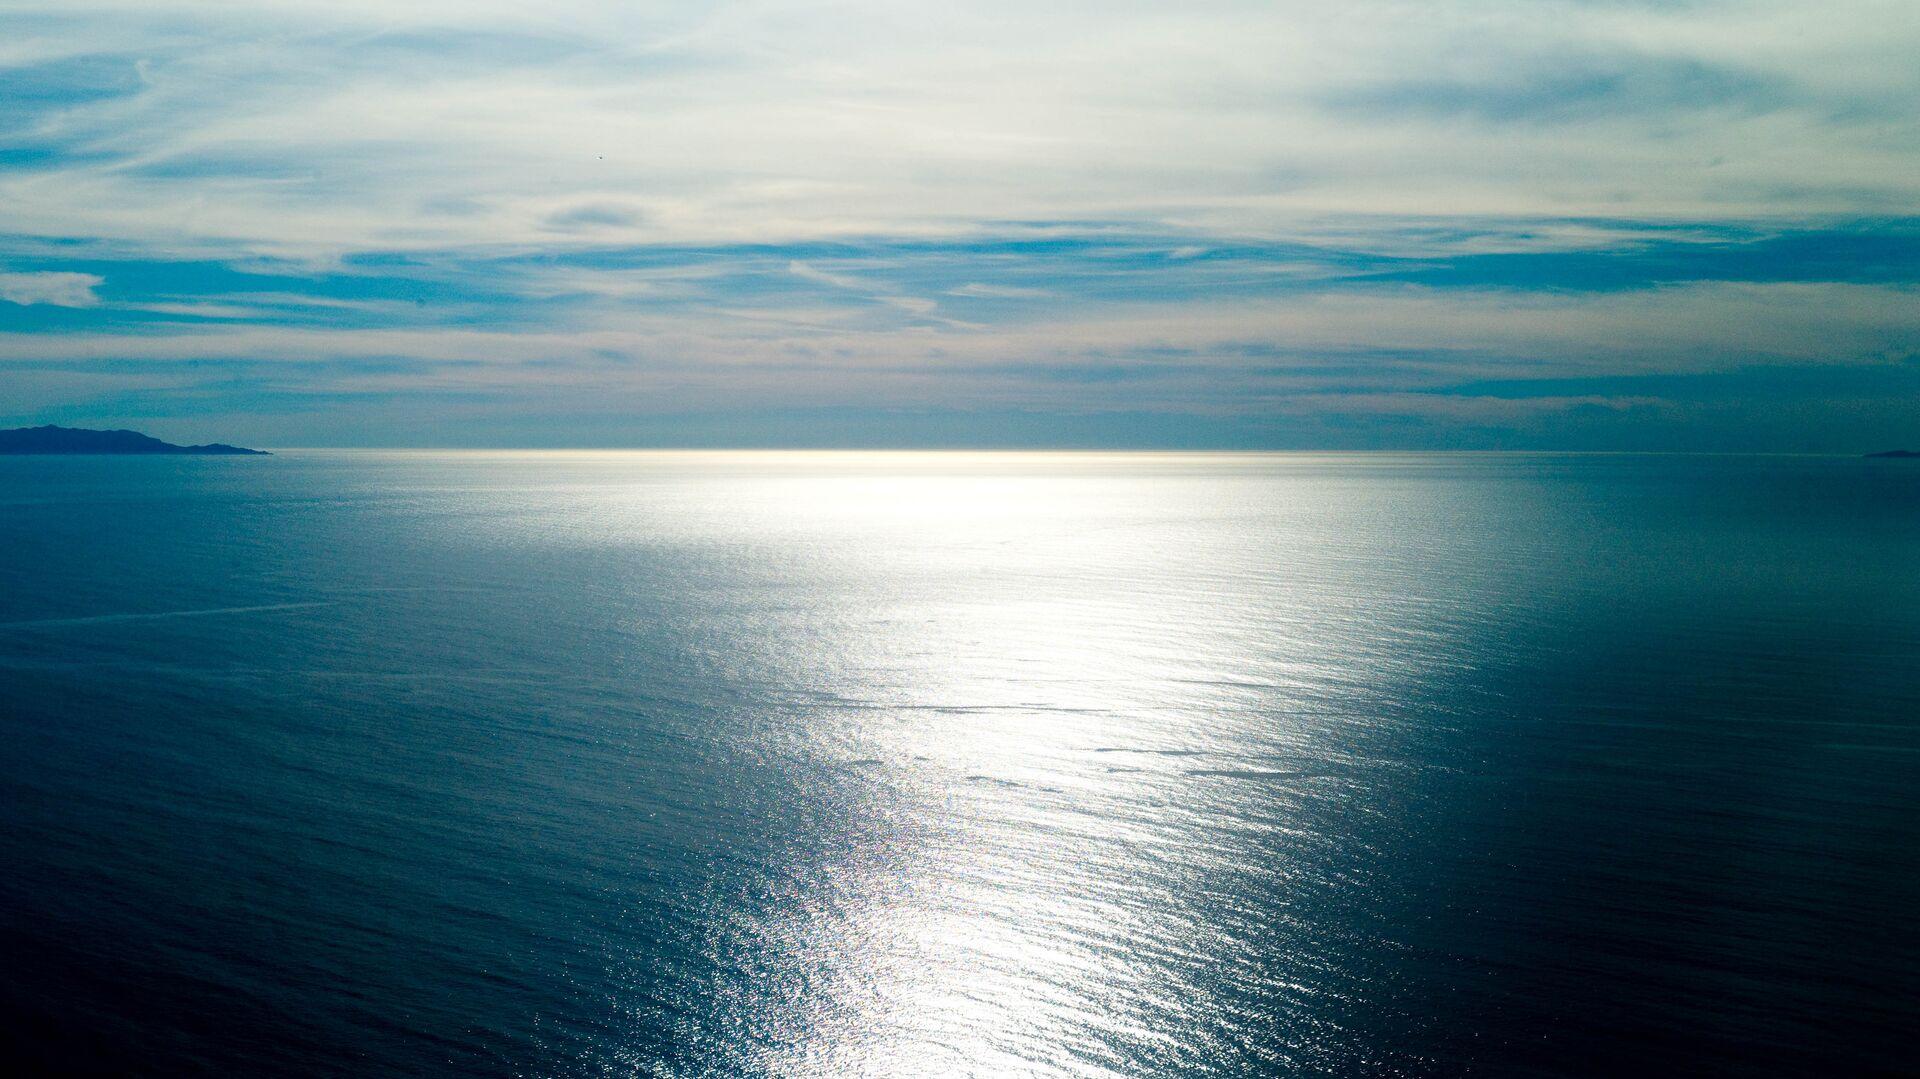 Océano Pacífico - Sputnik Mundo, 1920, 08.09.2021